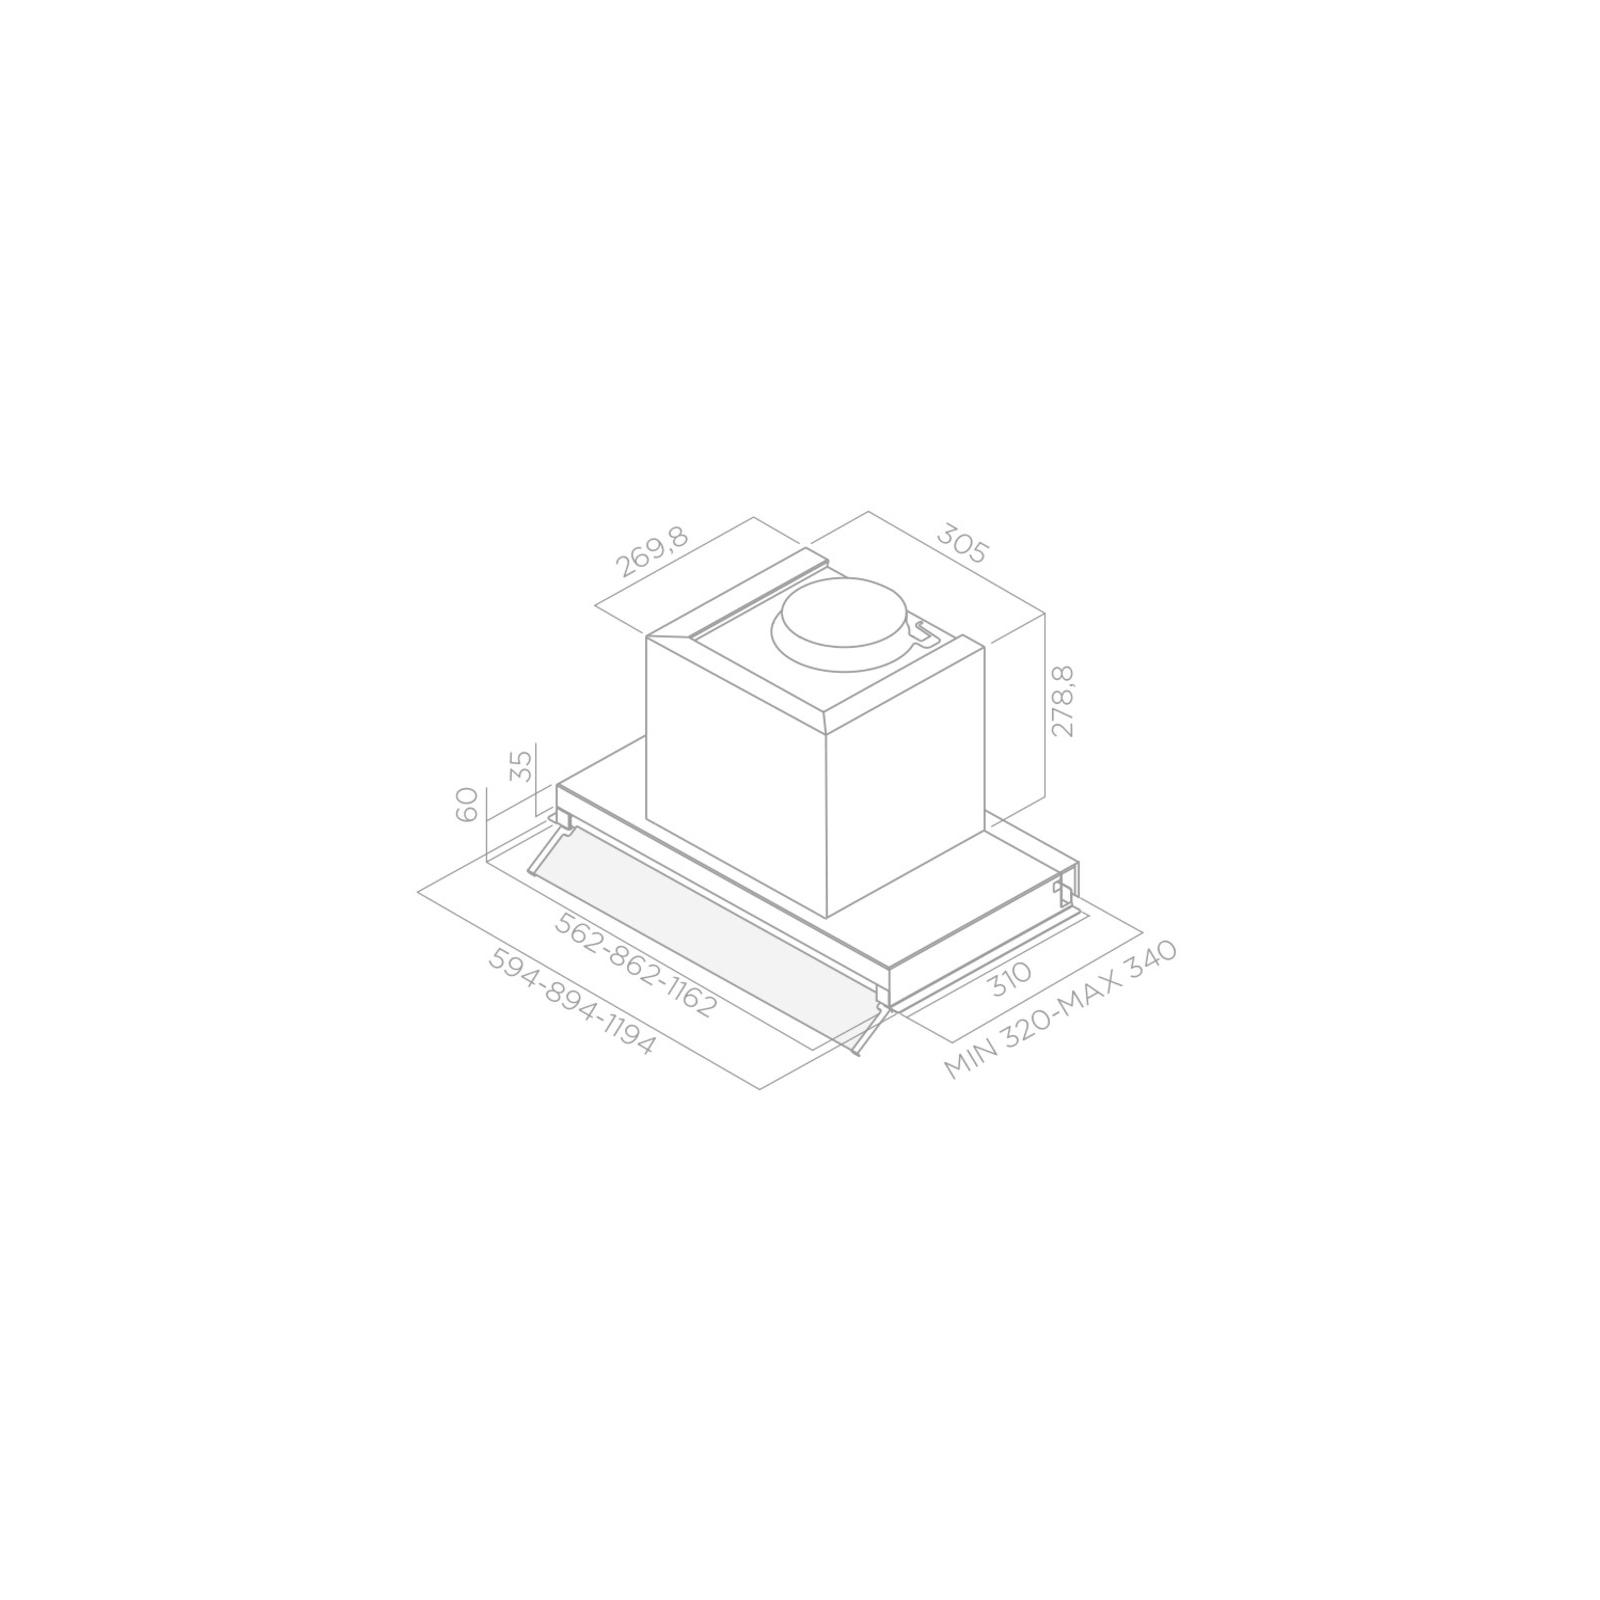 Вытяжка кухонная Elica BOX IN PLUS IXGL/A/60 изображение 2